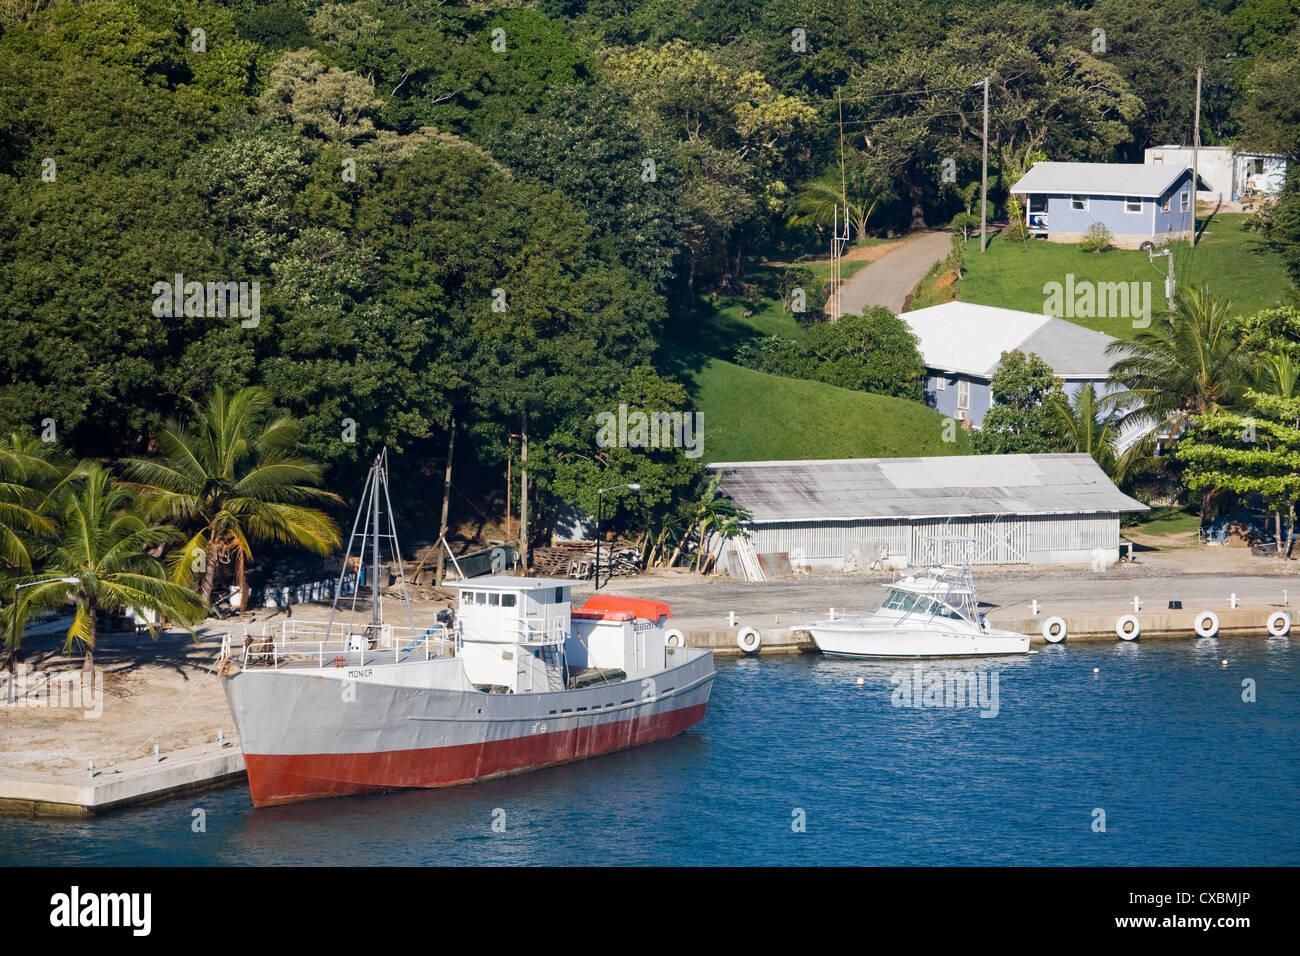 Boats in Mahogany Bay, Roatan Island, Honduras, Central America - Stock Image